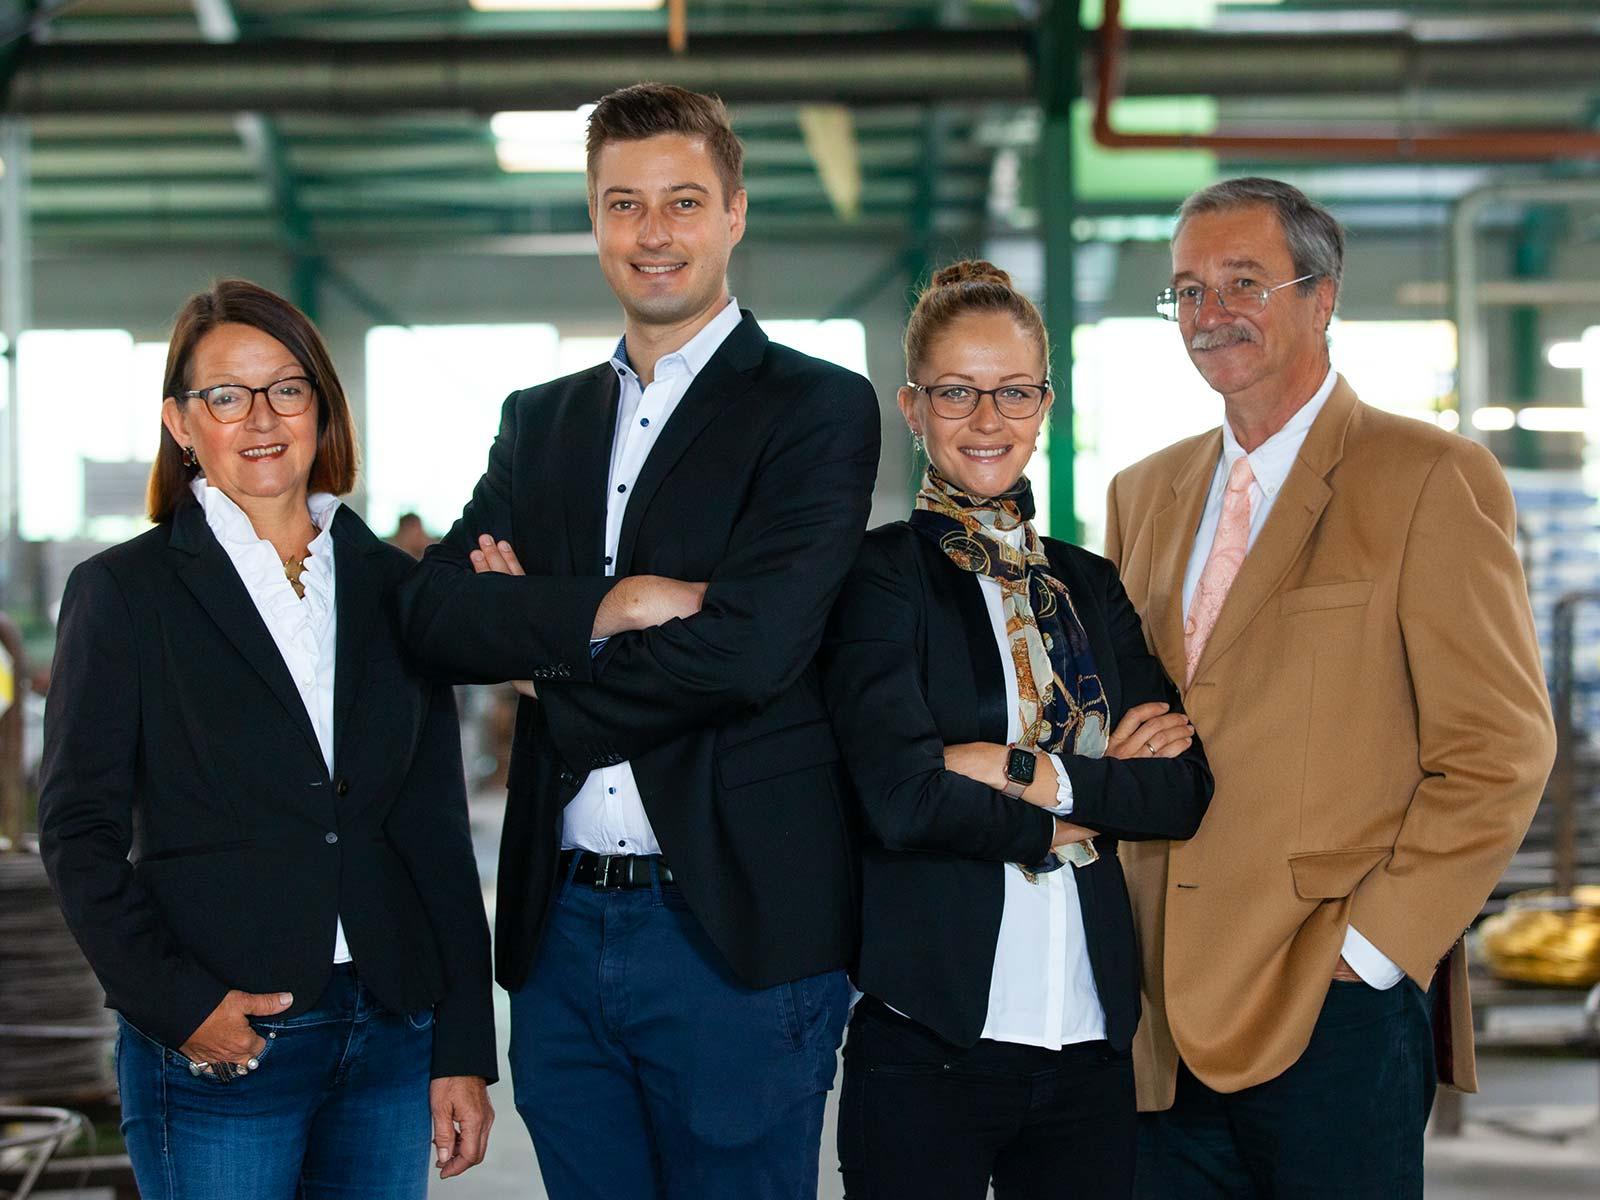 Geschäftsführung der Frey Schrauben GmbH